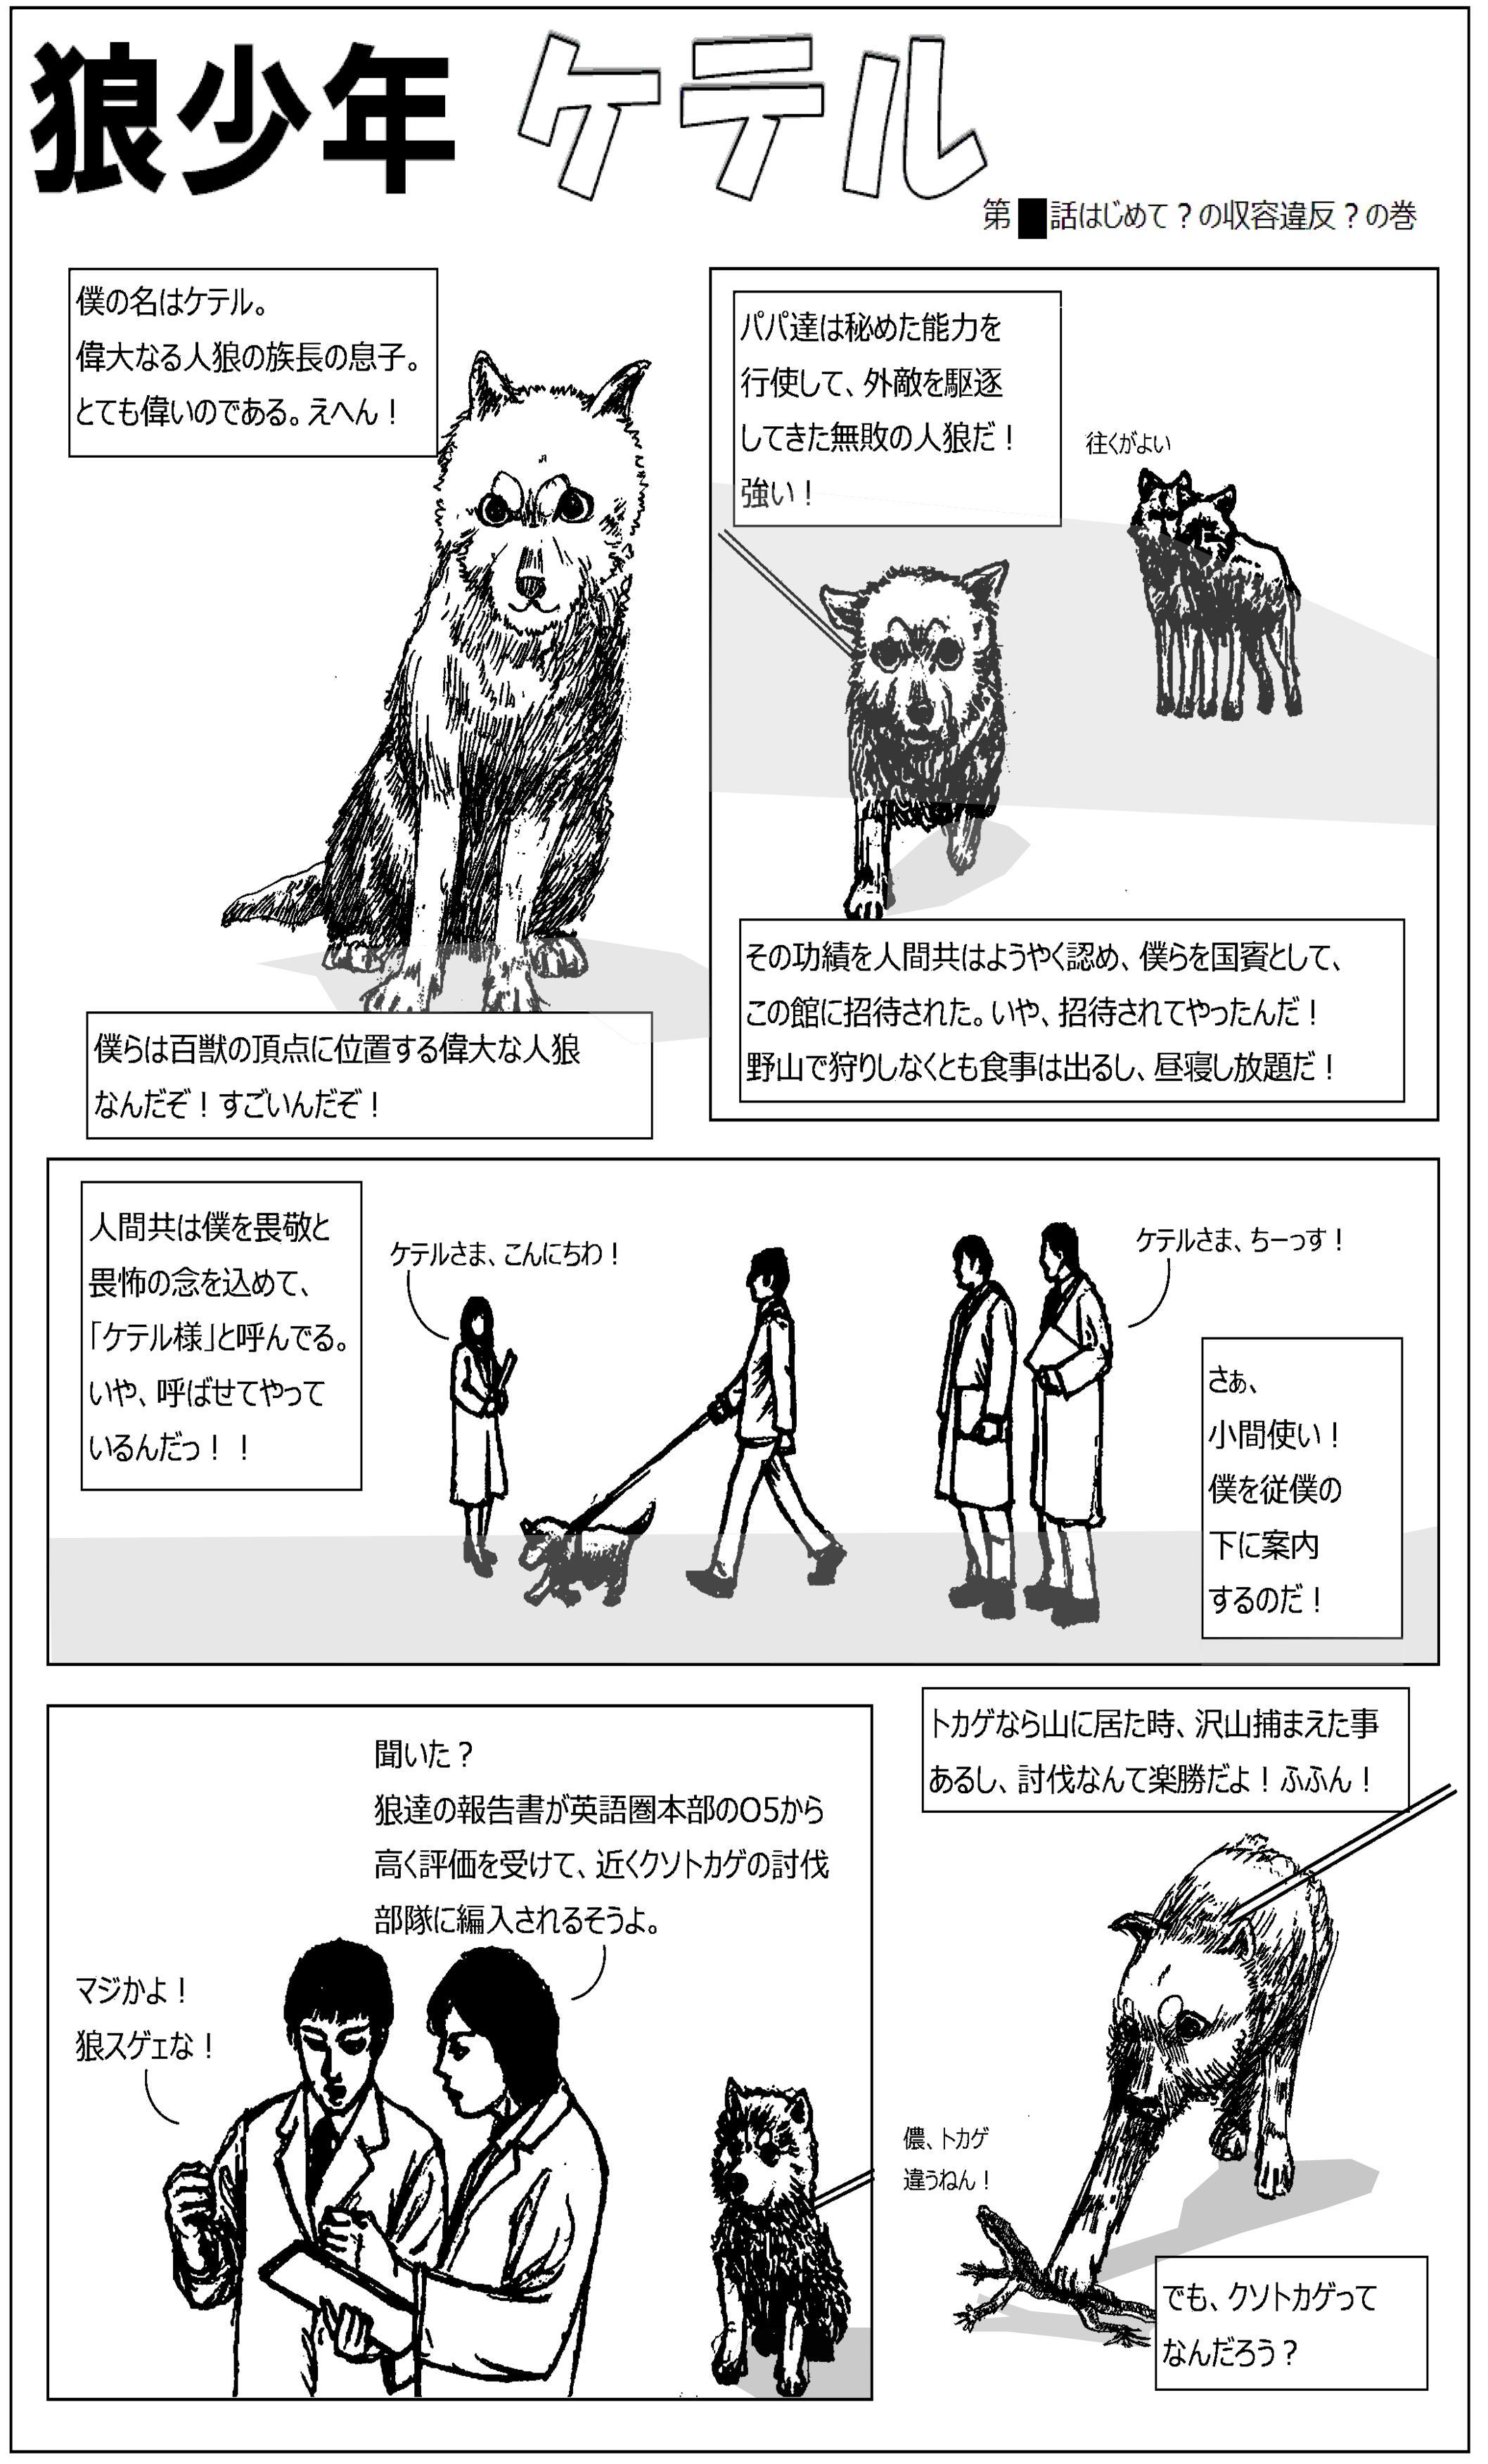 狼少年ケテル_1ページ.jpg